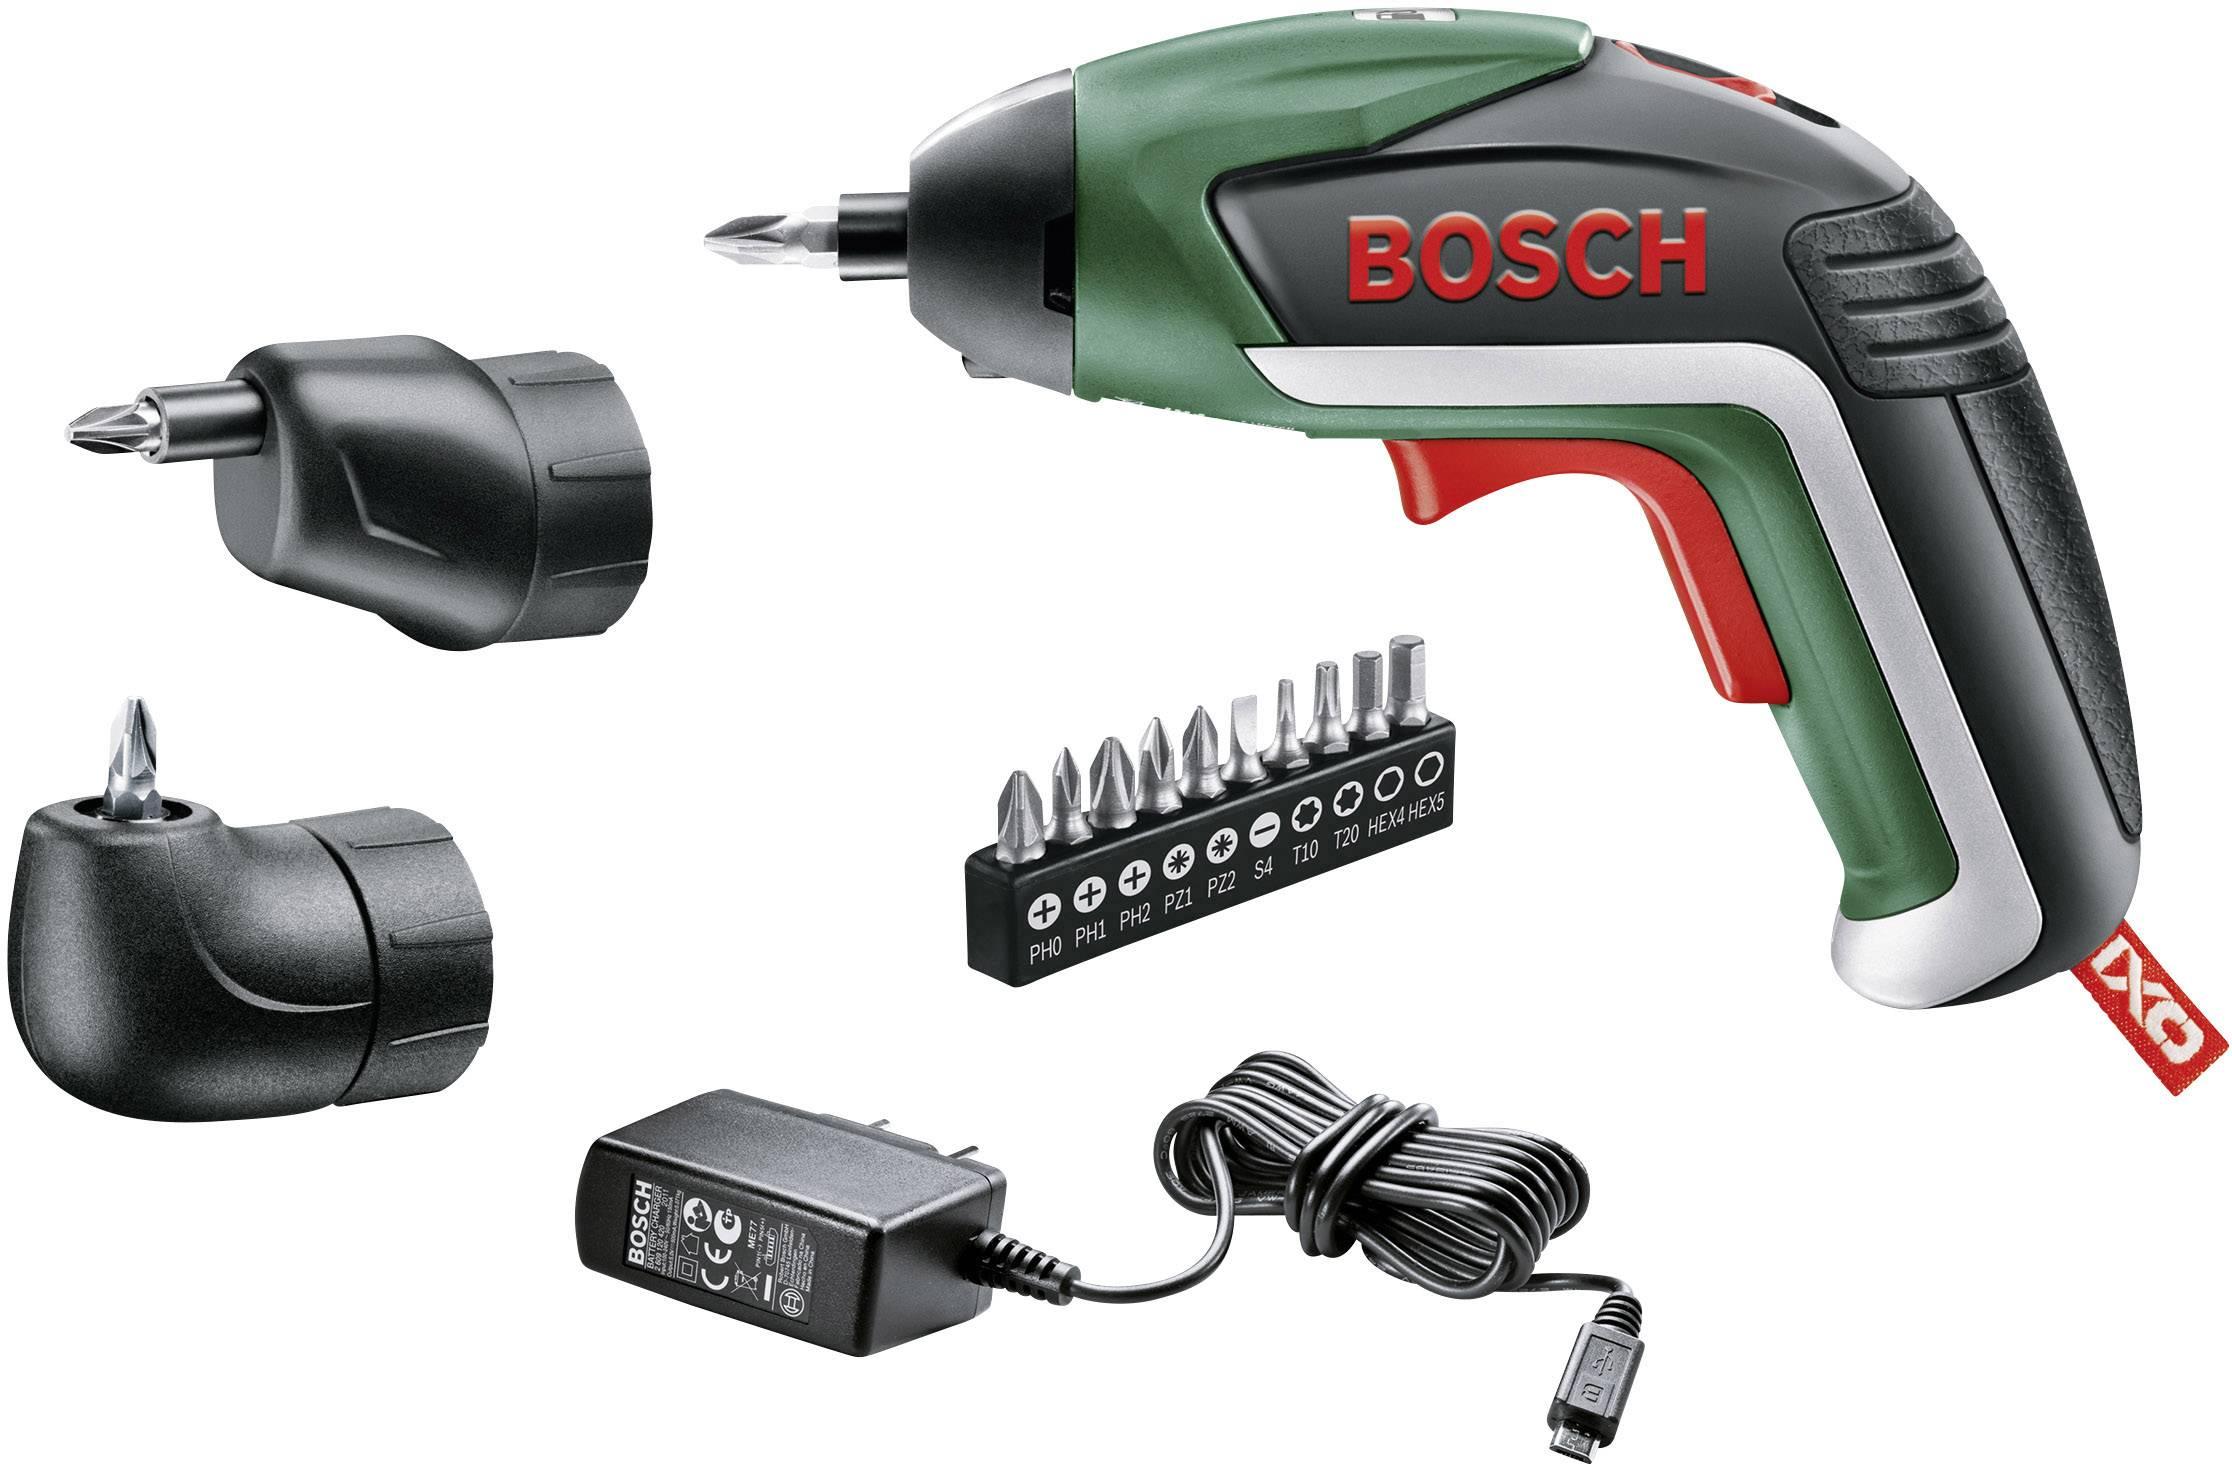 Bosch Laser Entfernungsmesser Bluetooth : Bosch entfernungsmesser plr 30 c: digitaler laser